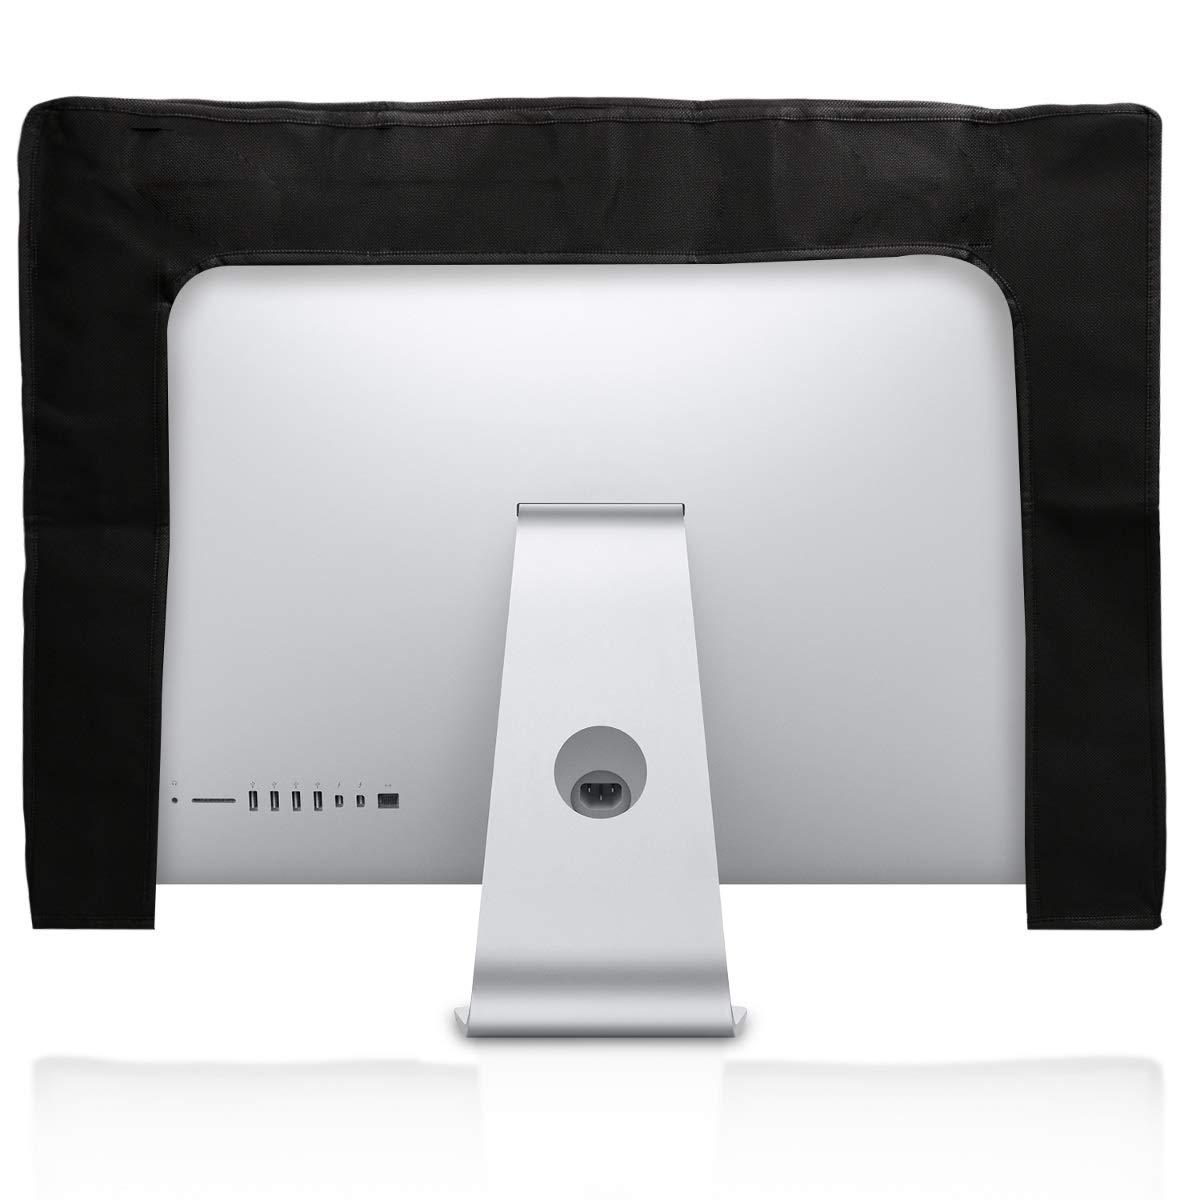 Custodia Protettiva per 24-26 Monitor kwmobile 24-26 Monitor Cover Protezione per Monitor PC Antipolvere per Schermo Computer